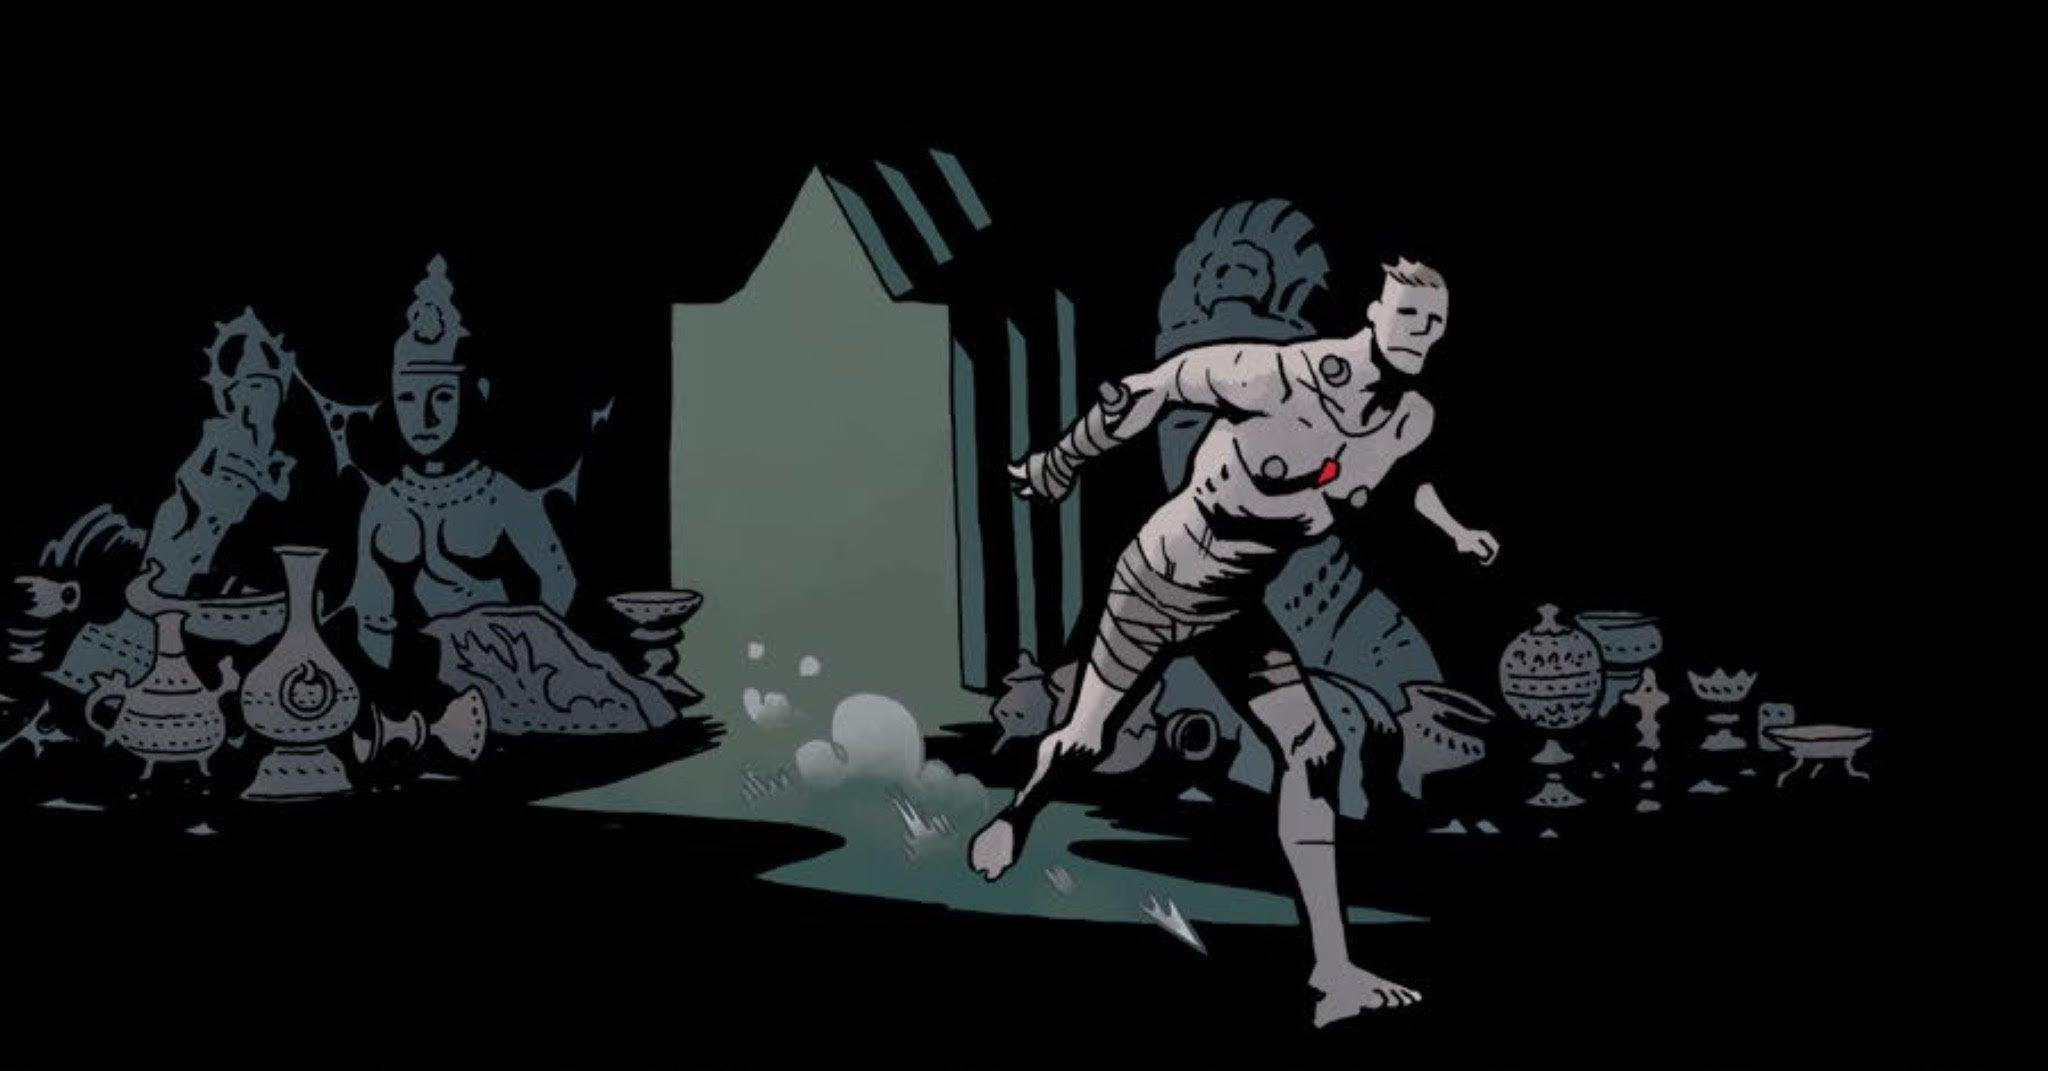 FF - Frankenstein Underground #5